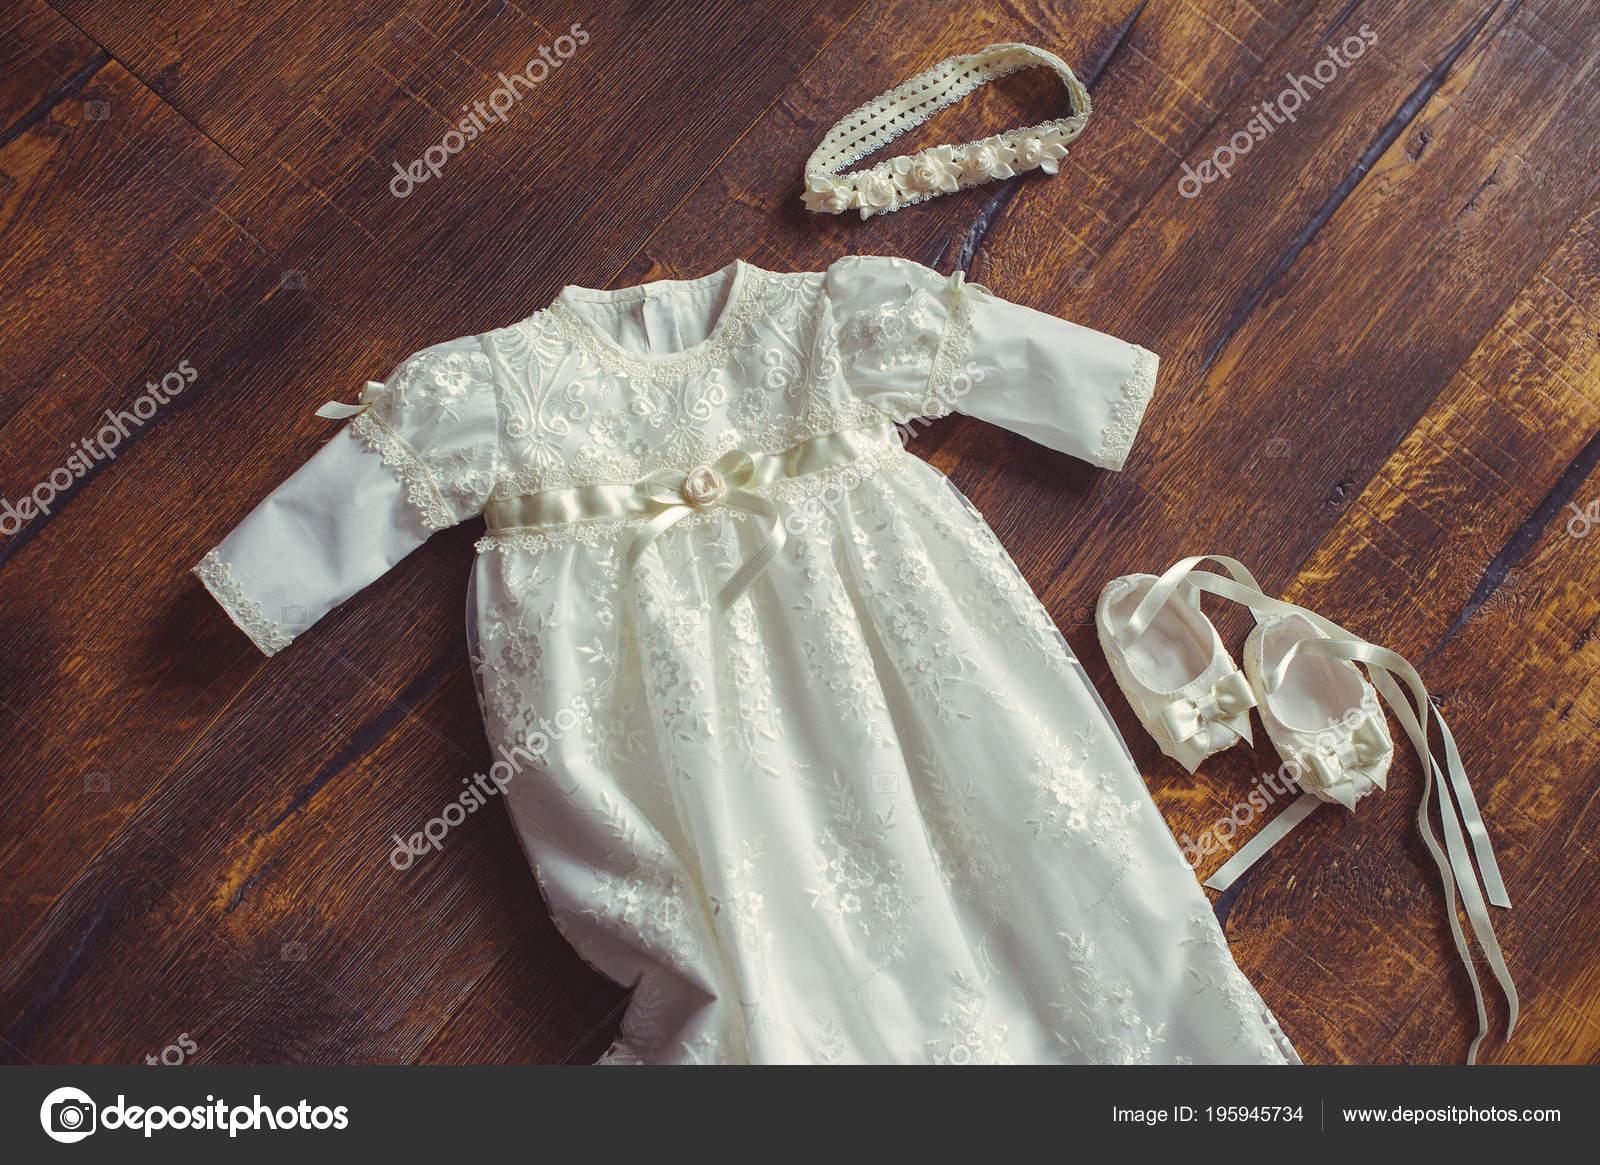 Taufe Baby Kleid Und Schuhe Nahaufnahme Eines Niedlichen